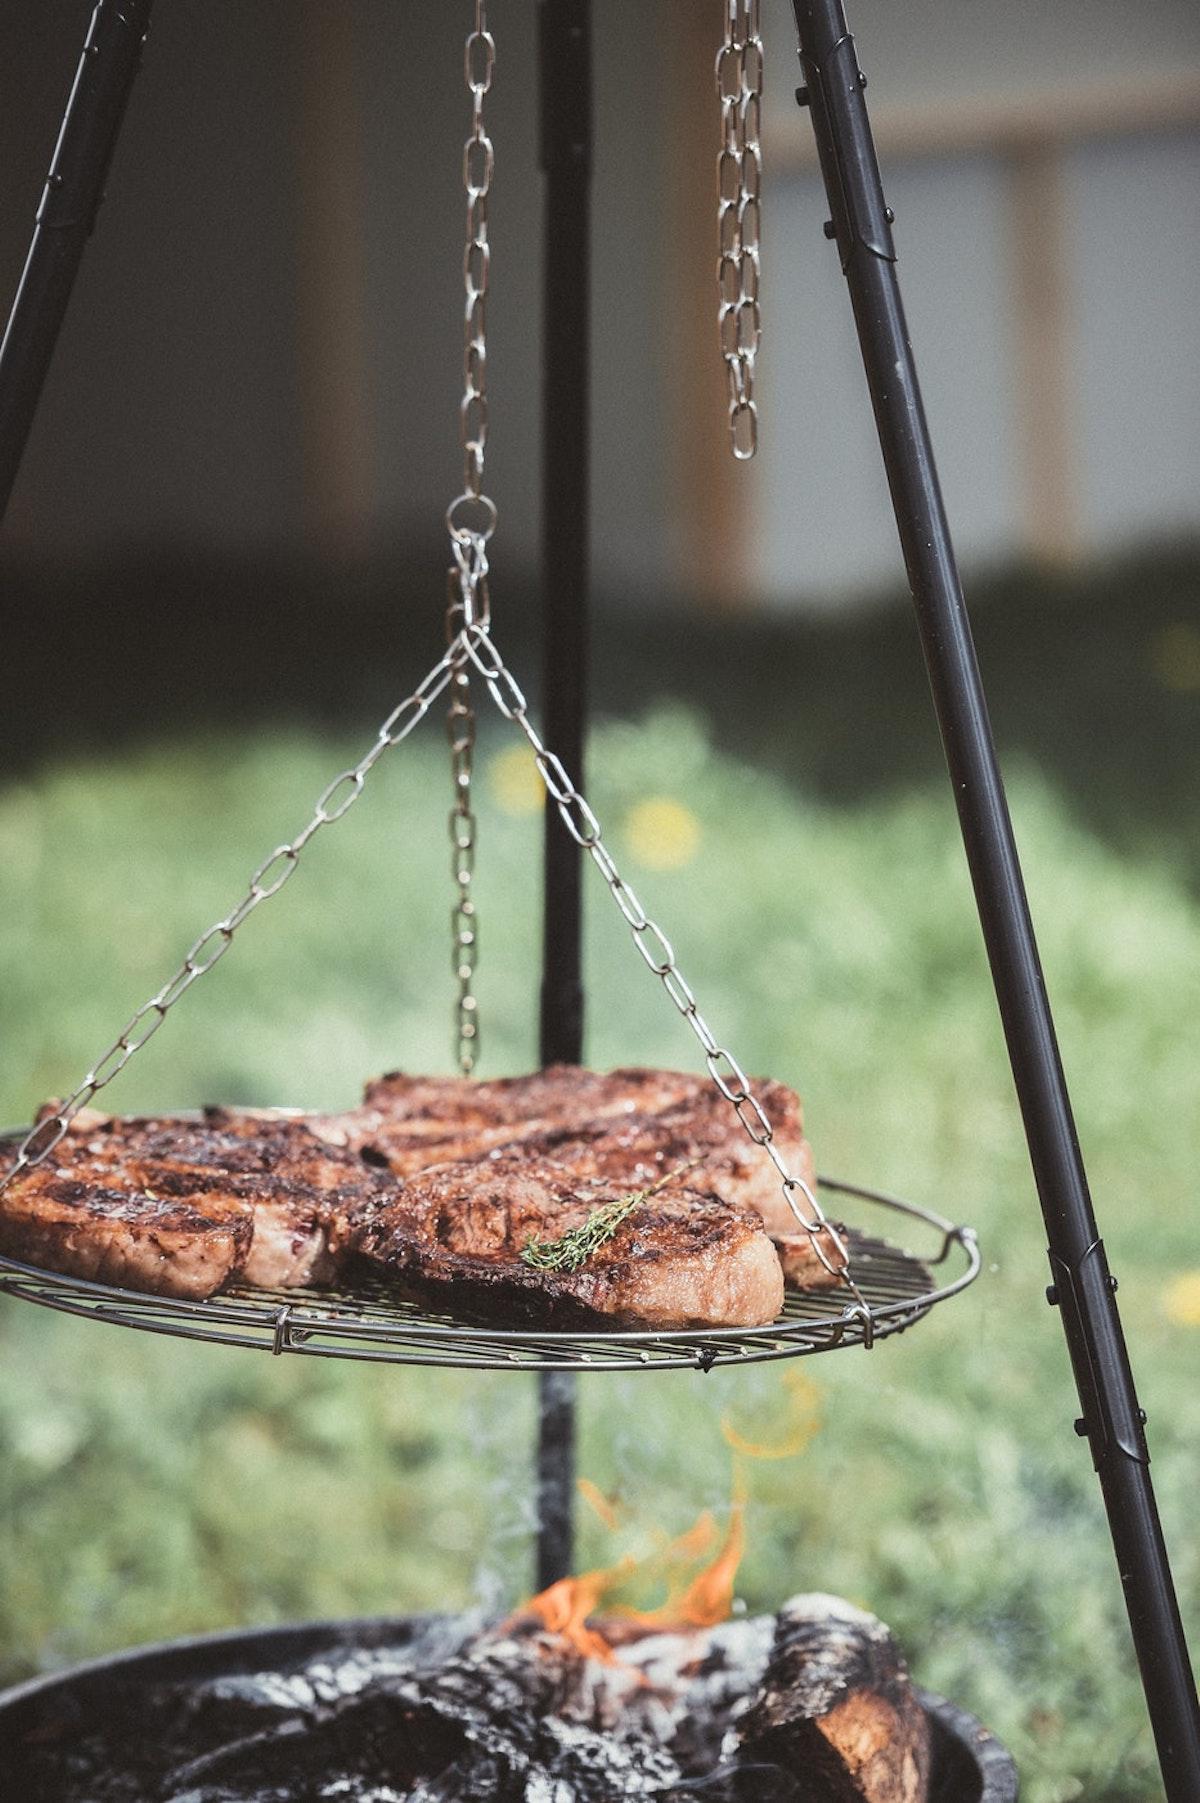 diy barbecue suspendu extérieur jardin grillade - blog déco - clem